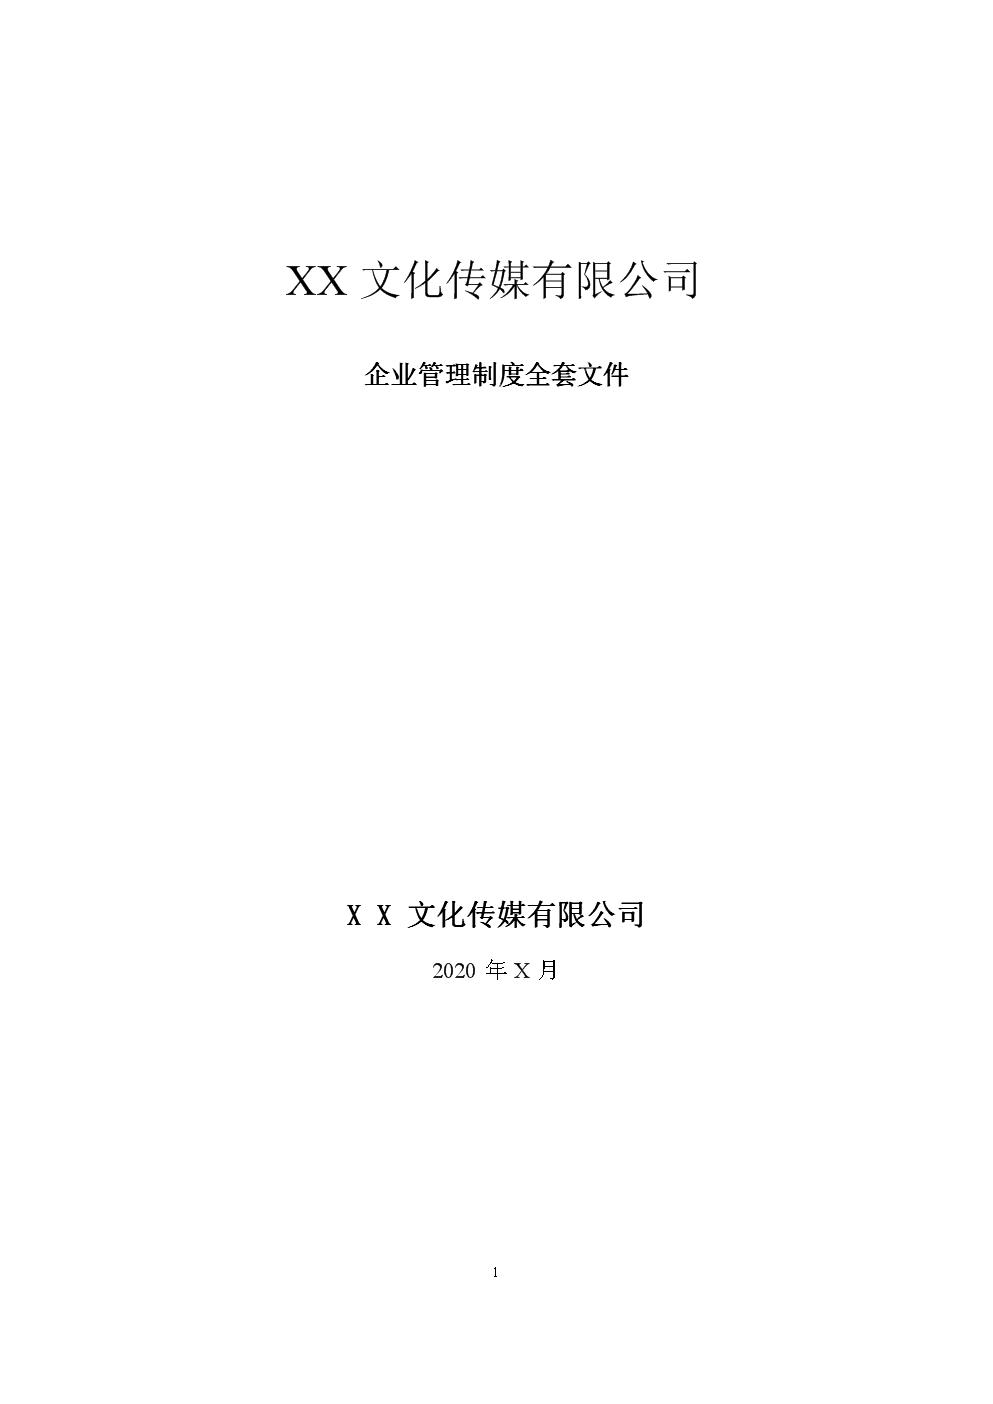 大型文化传媒公司全套管理制度完整版(拿来即用).doc